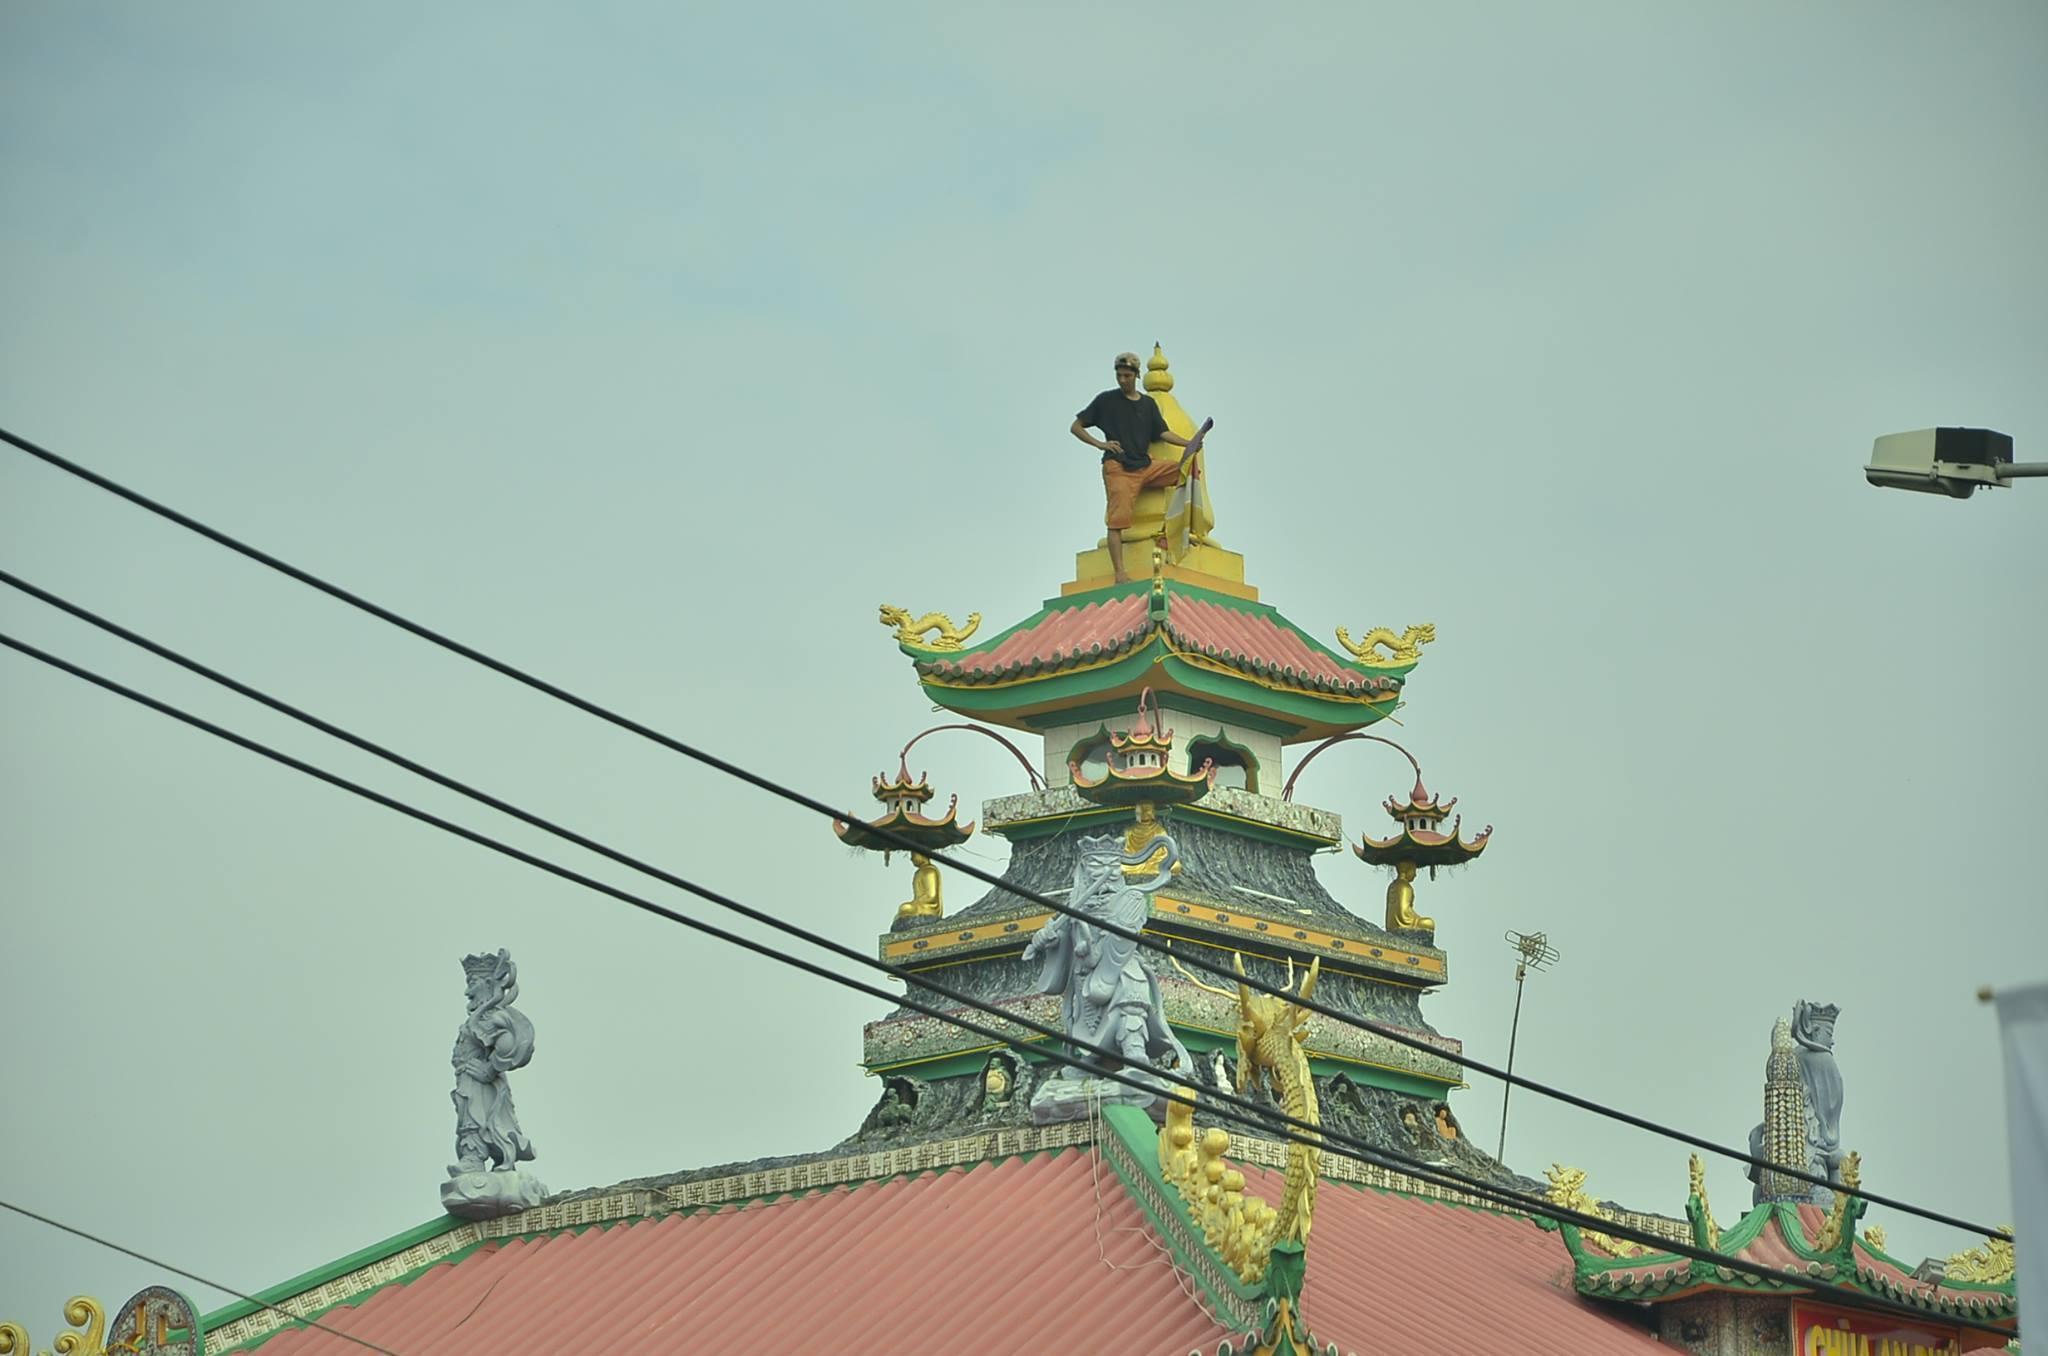 Thanh niên quậy tưng suốt 5 giờ trên nóc nhà chùa Sài Gòn - ảnh 1